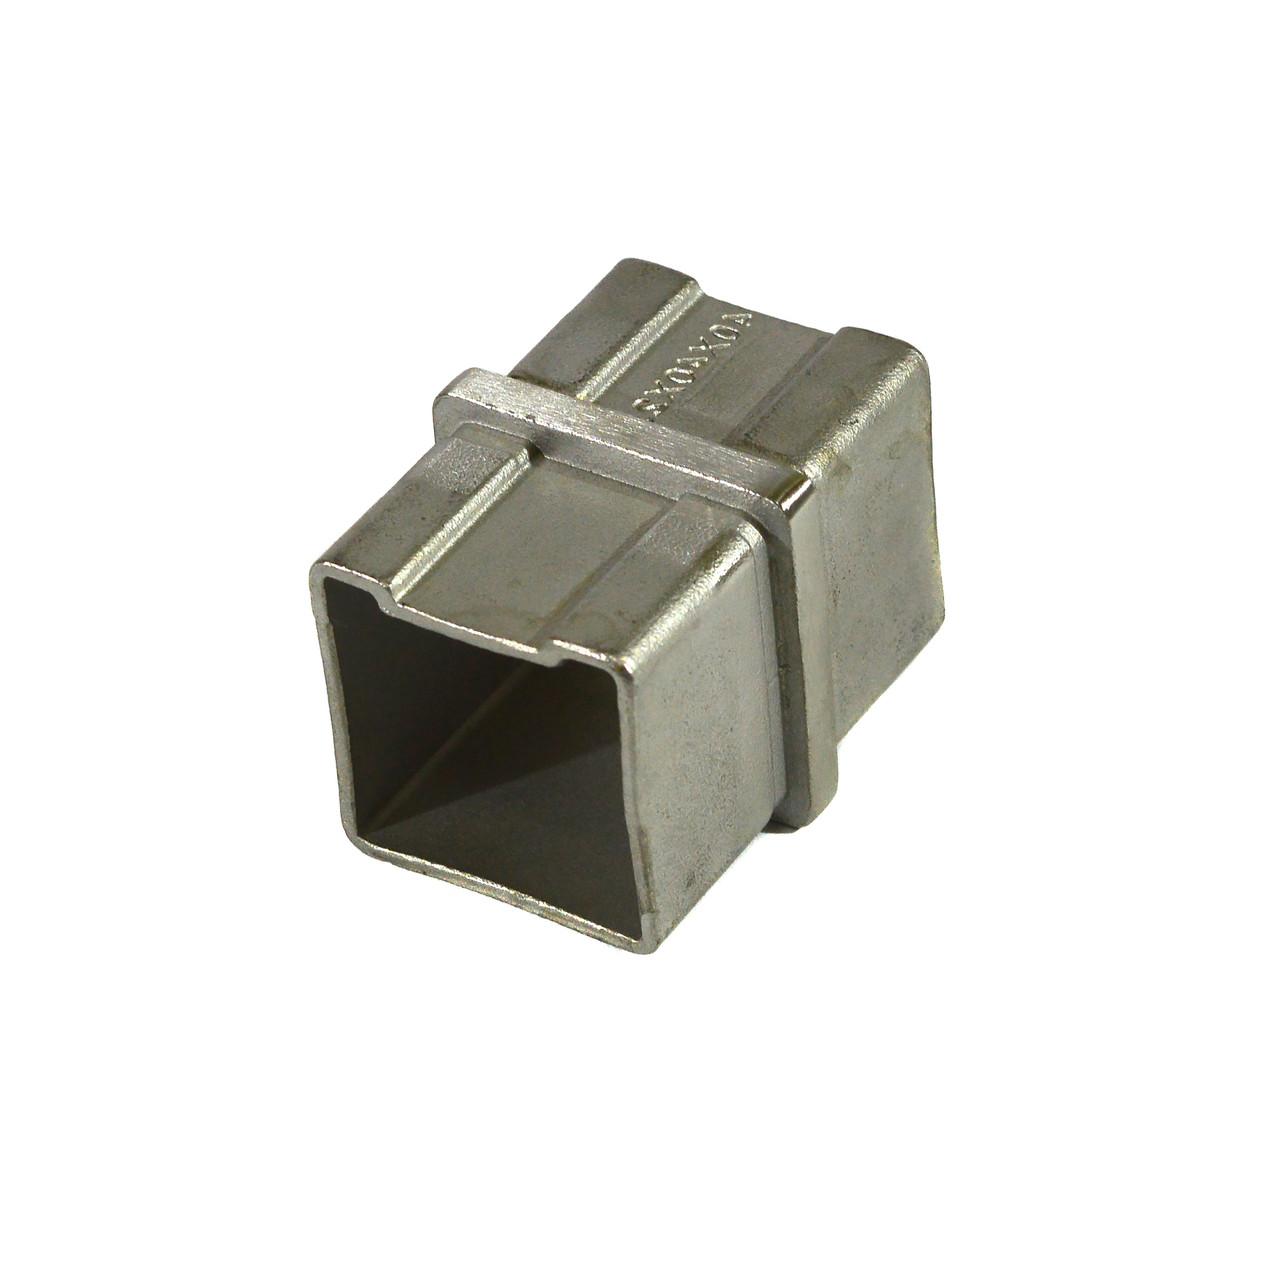 KLC-10-04-01 Соединитель квадратного поручня 40*40 мм